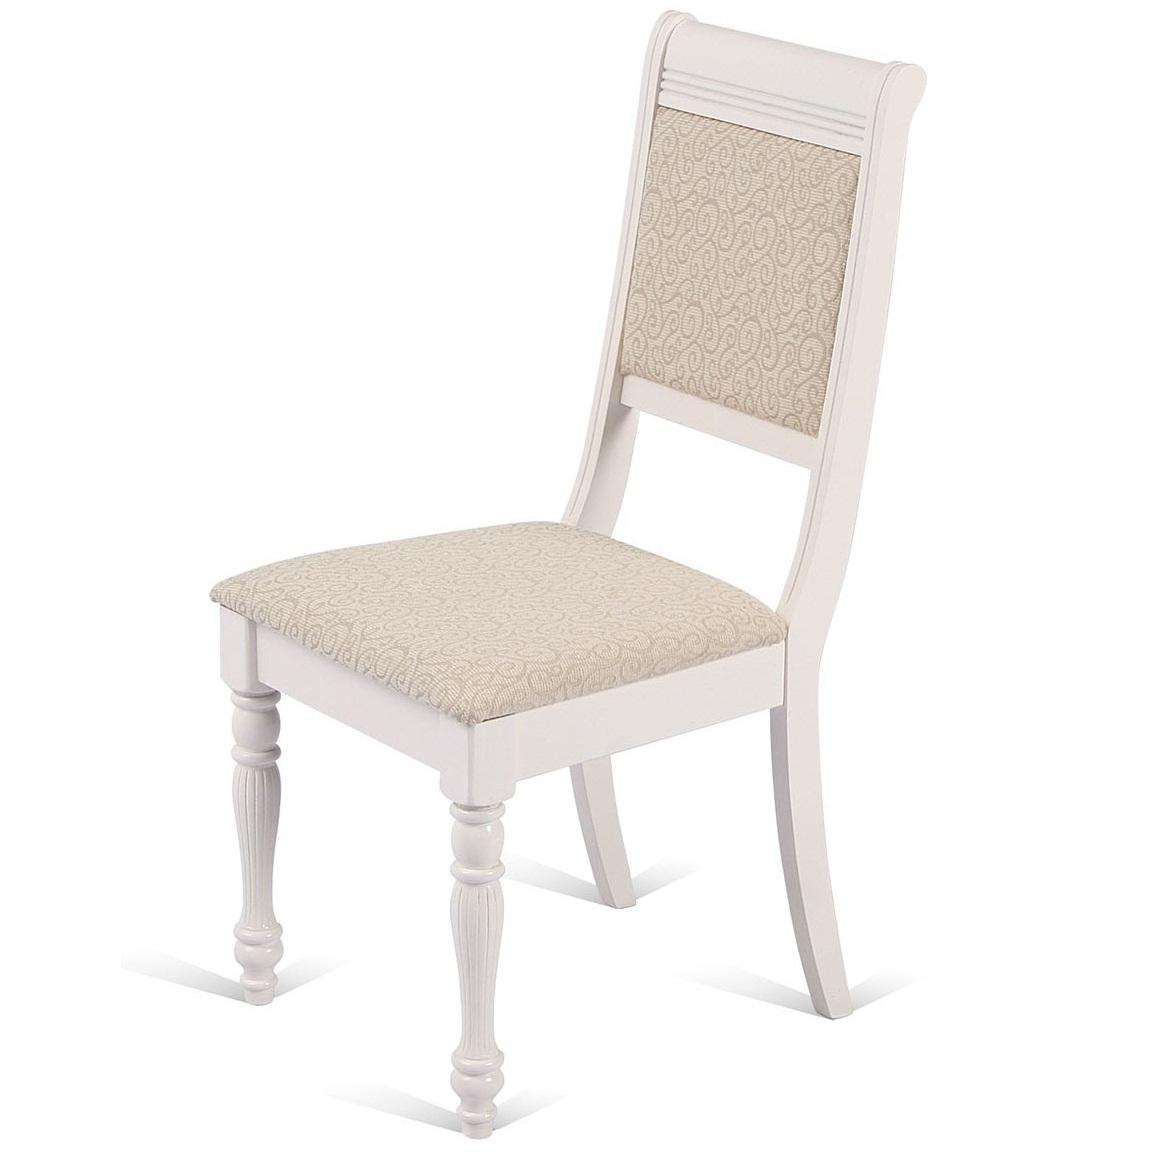 Кухонный стул из массива дерева — слоновая кость BUTTER WHITE (арт. М3242)